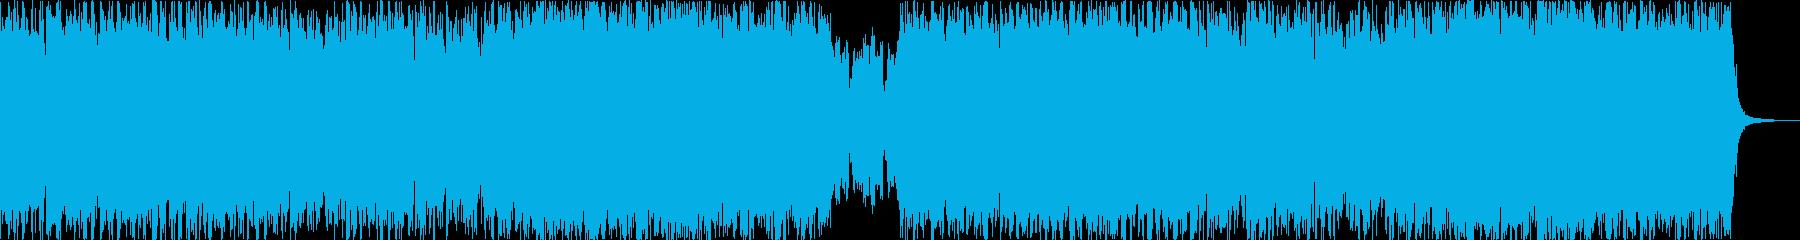 民族調の曲をストリートオルガンで演奏の再生済みの波形